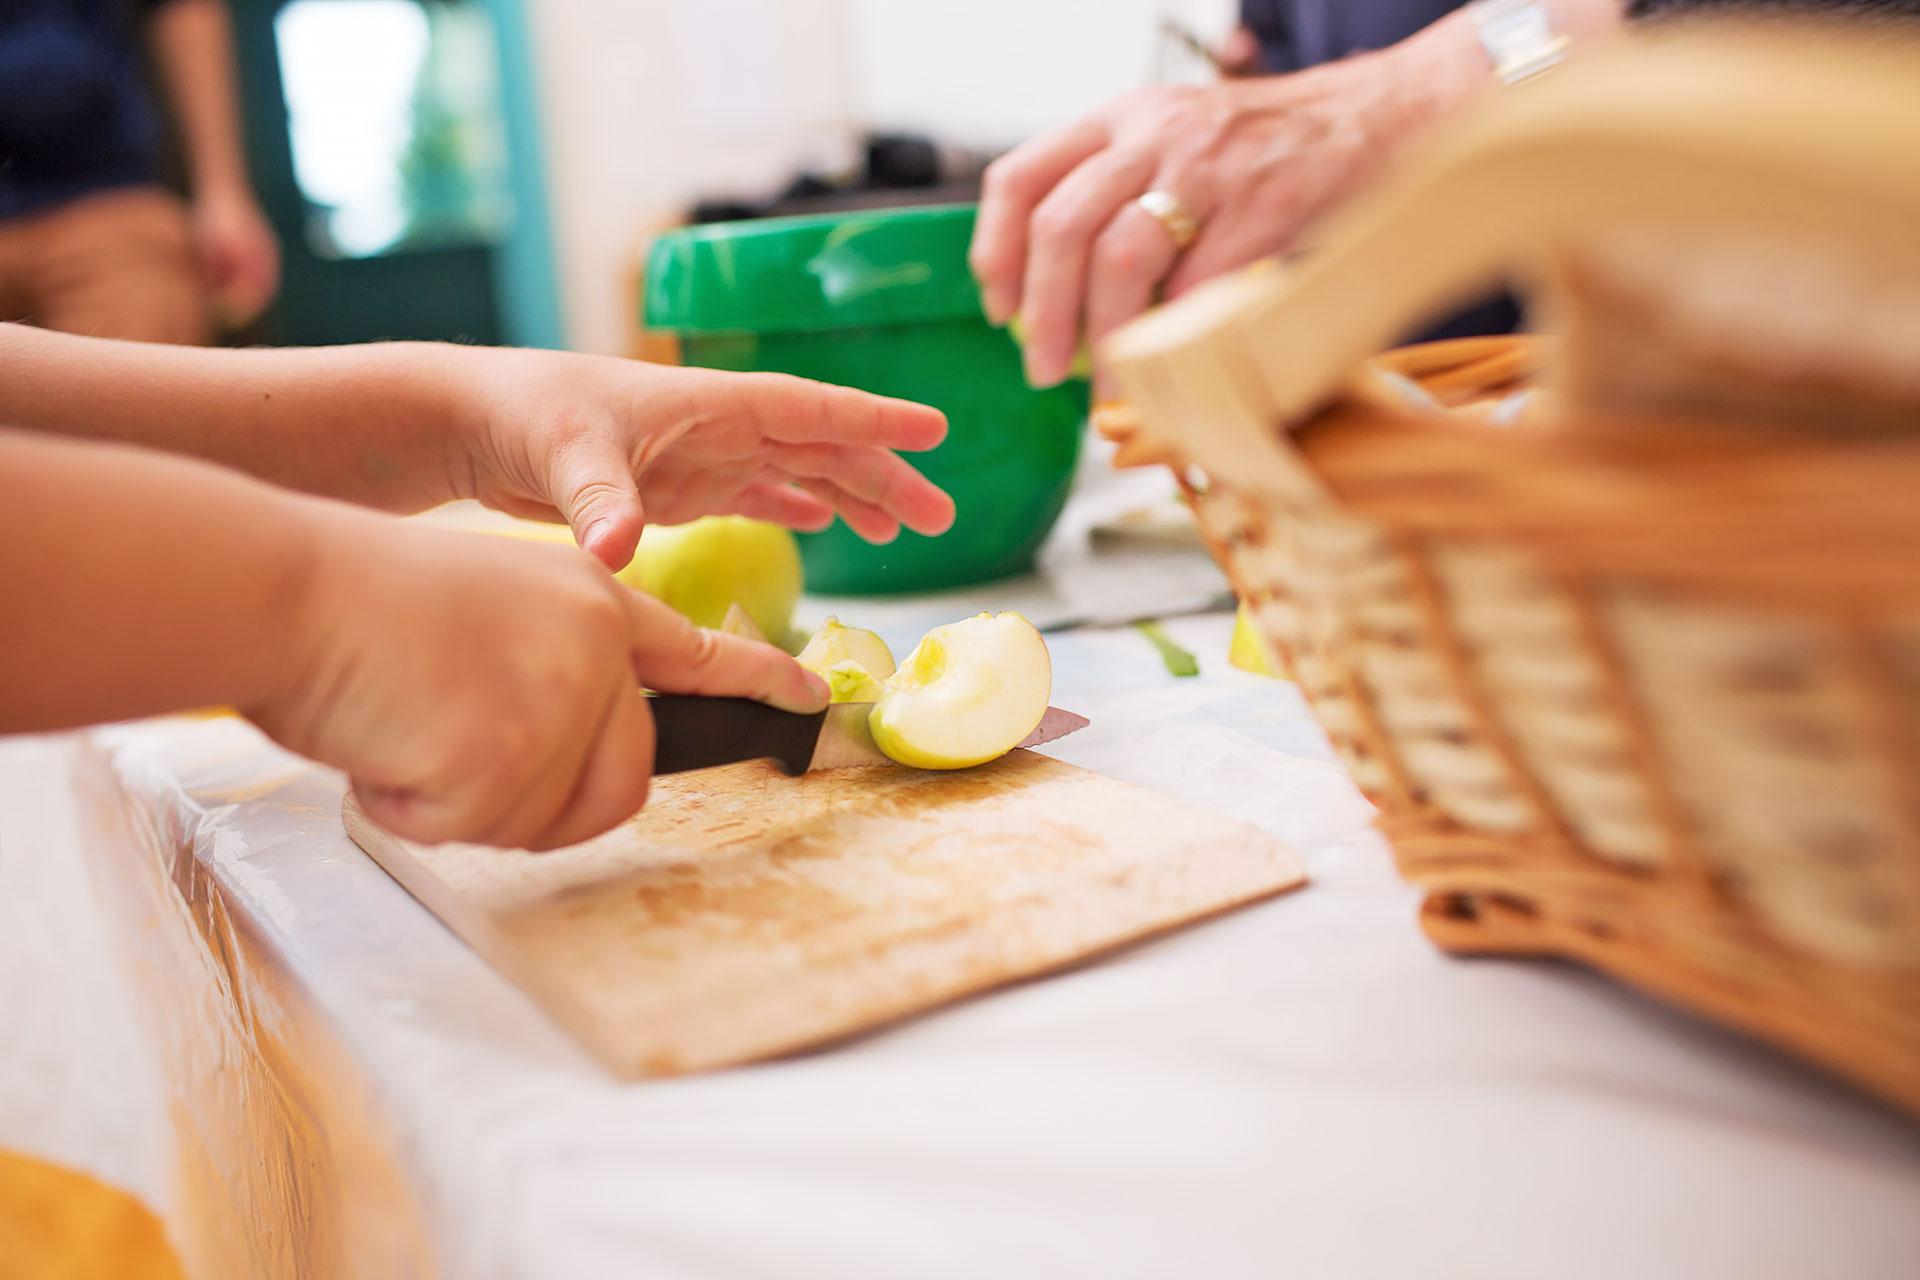 Kind schneidet einen Apfel